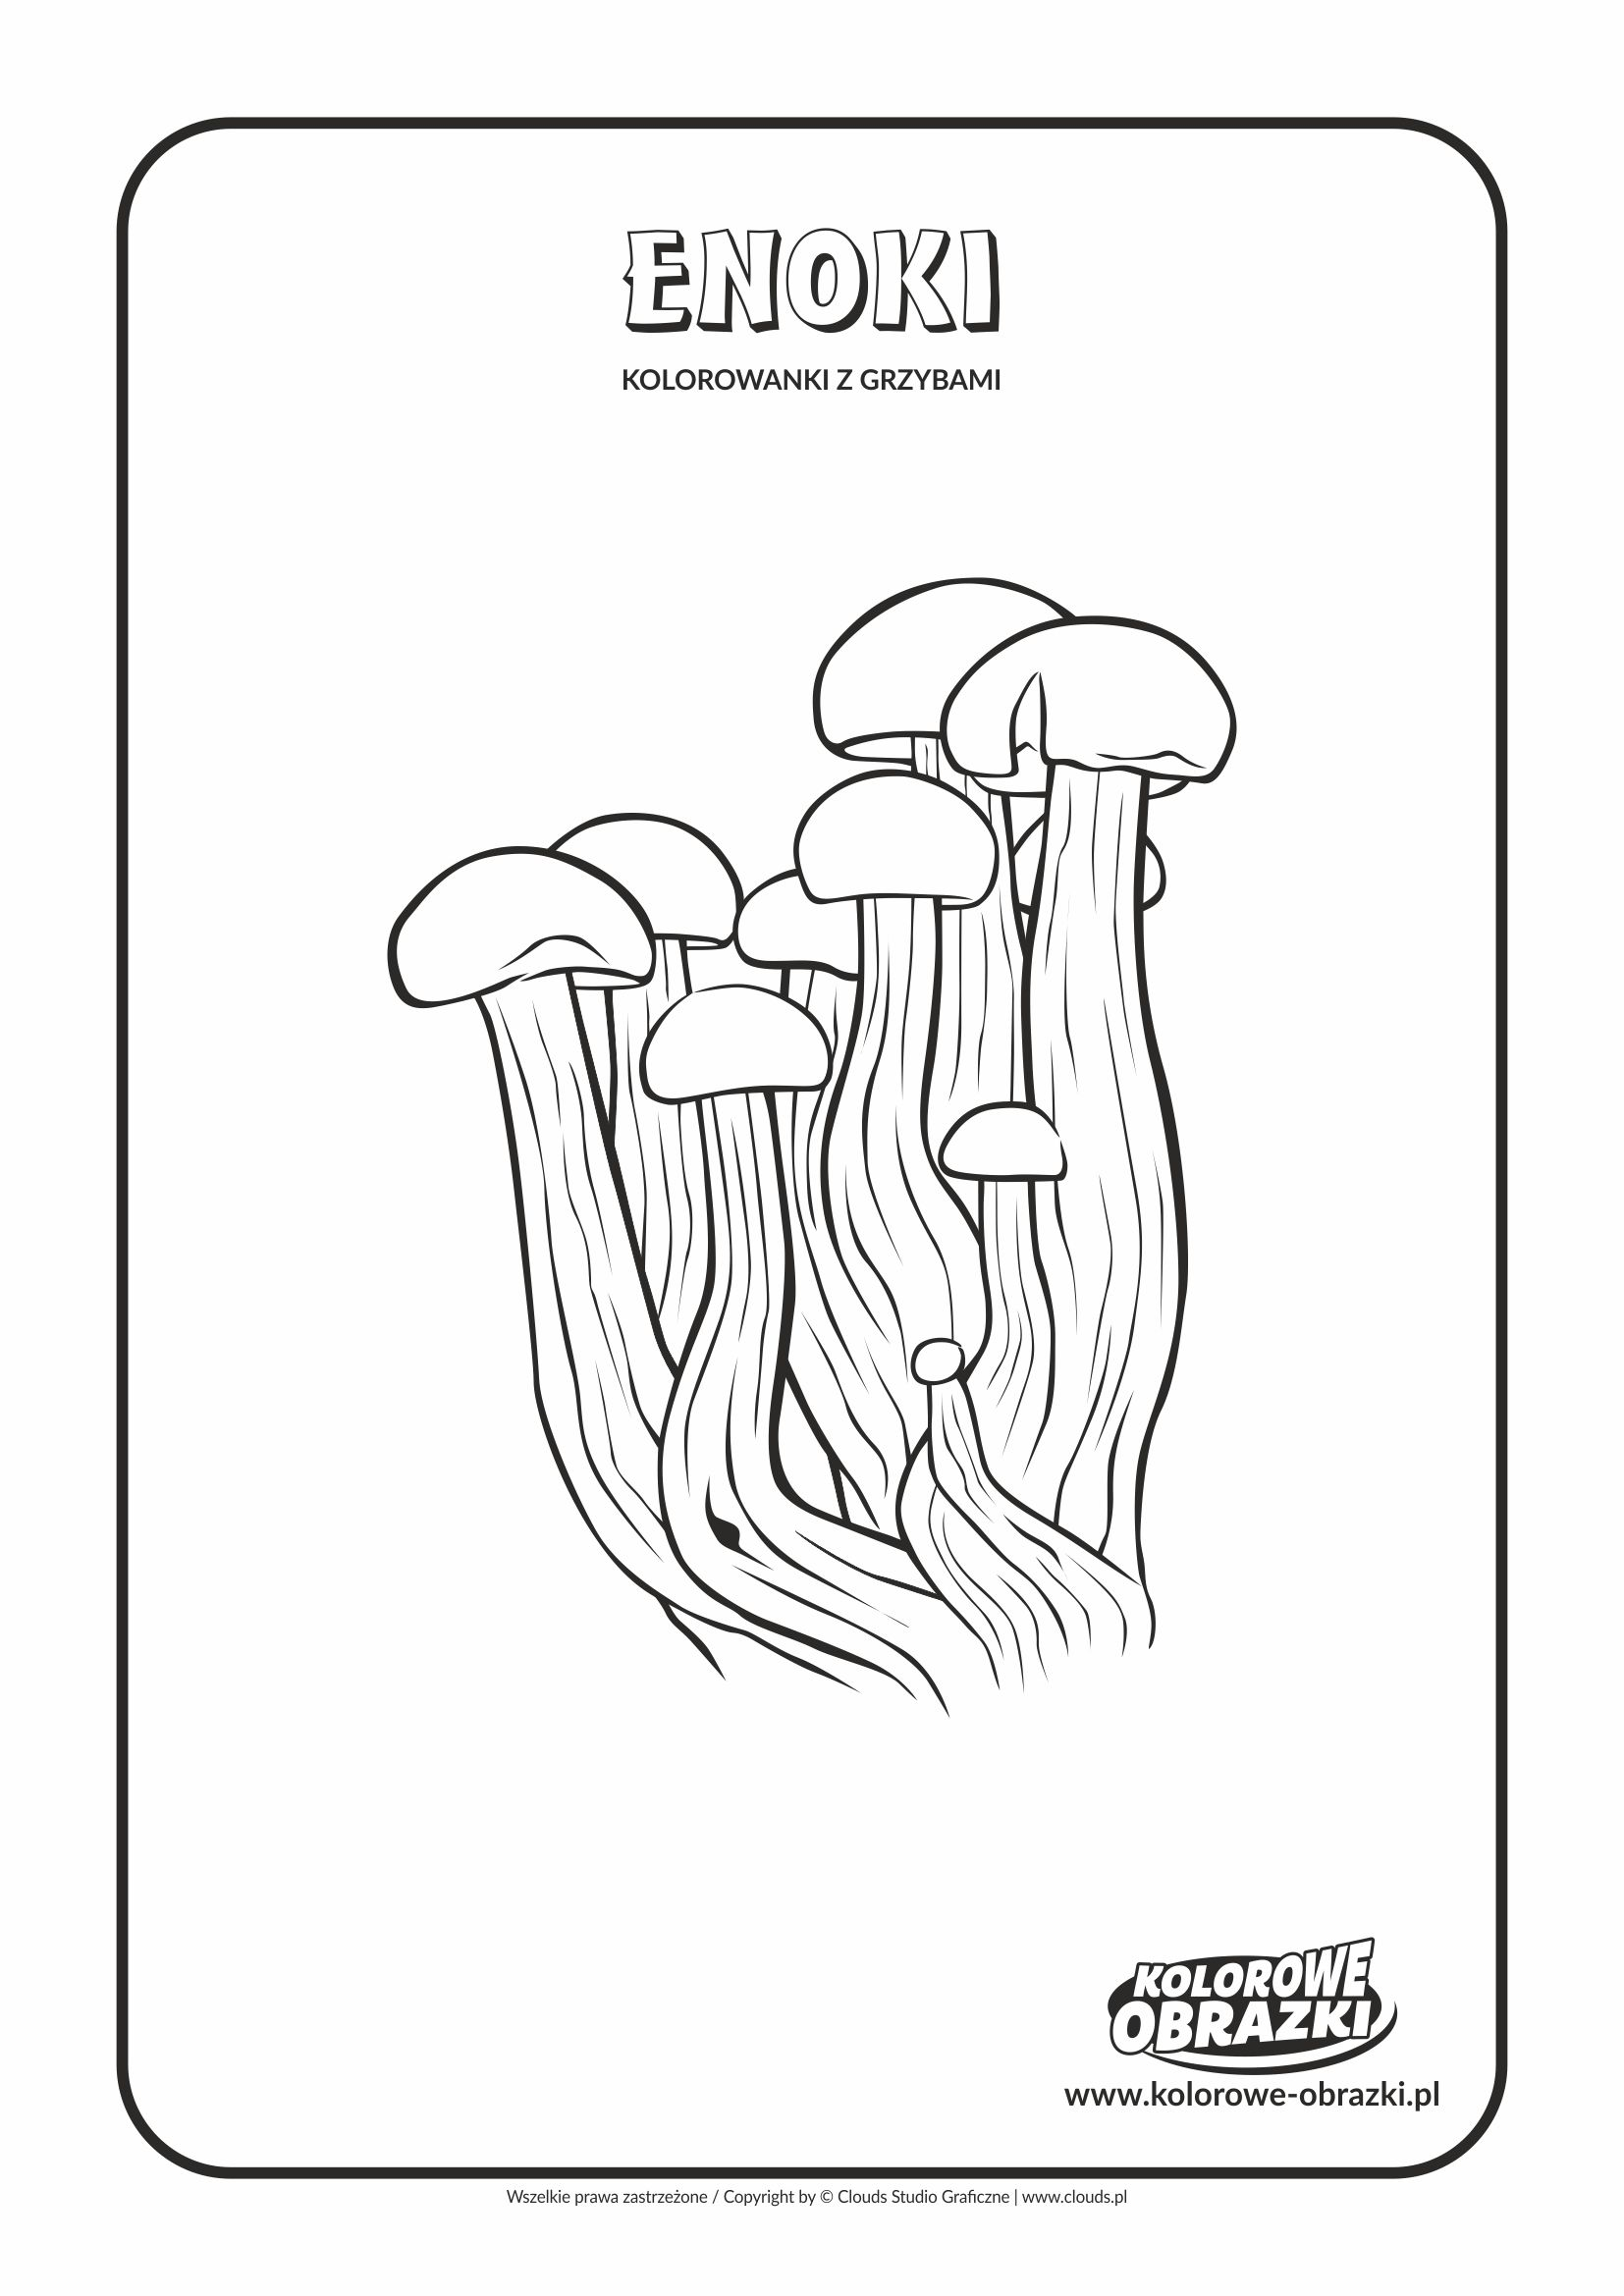 Kolorowanki dla dzieci - Rośliny / Enoki. Kolorowanka z enoki